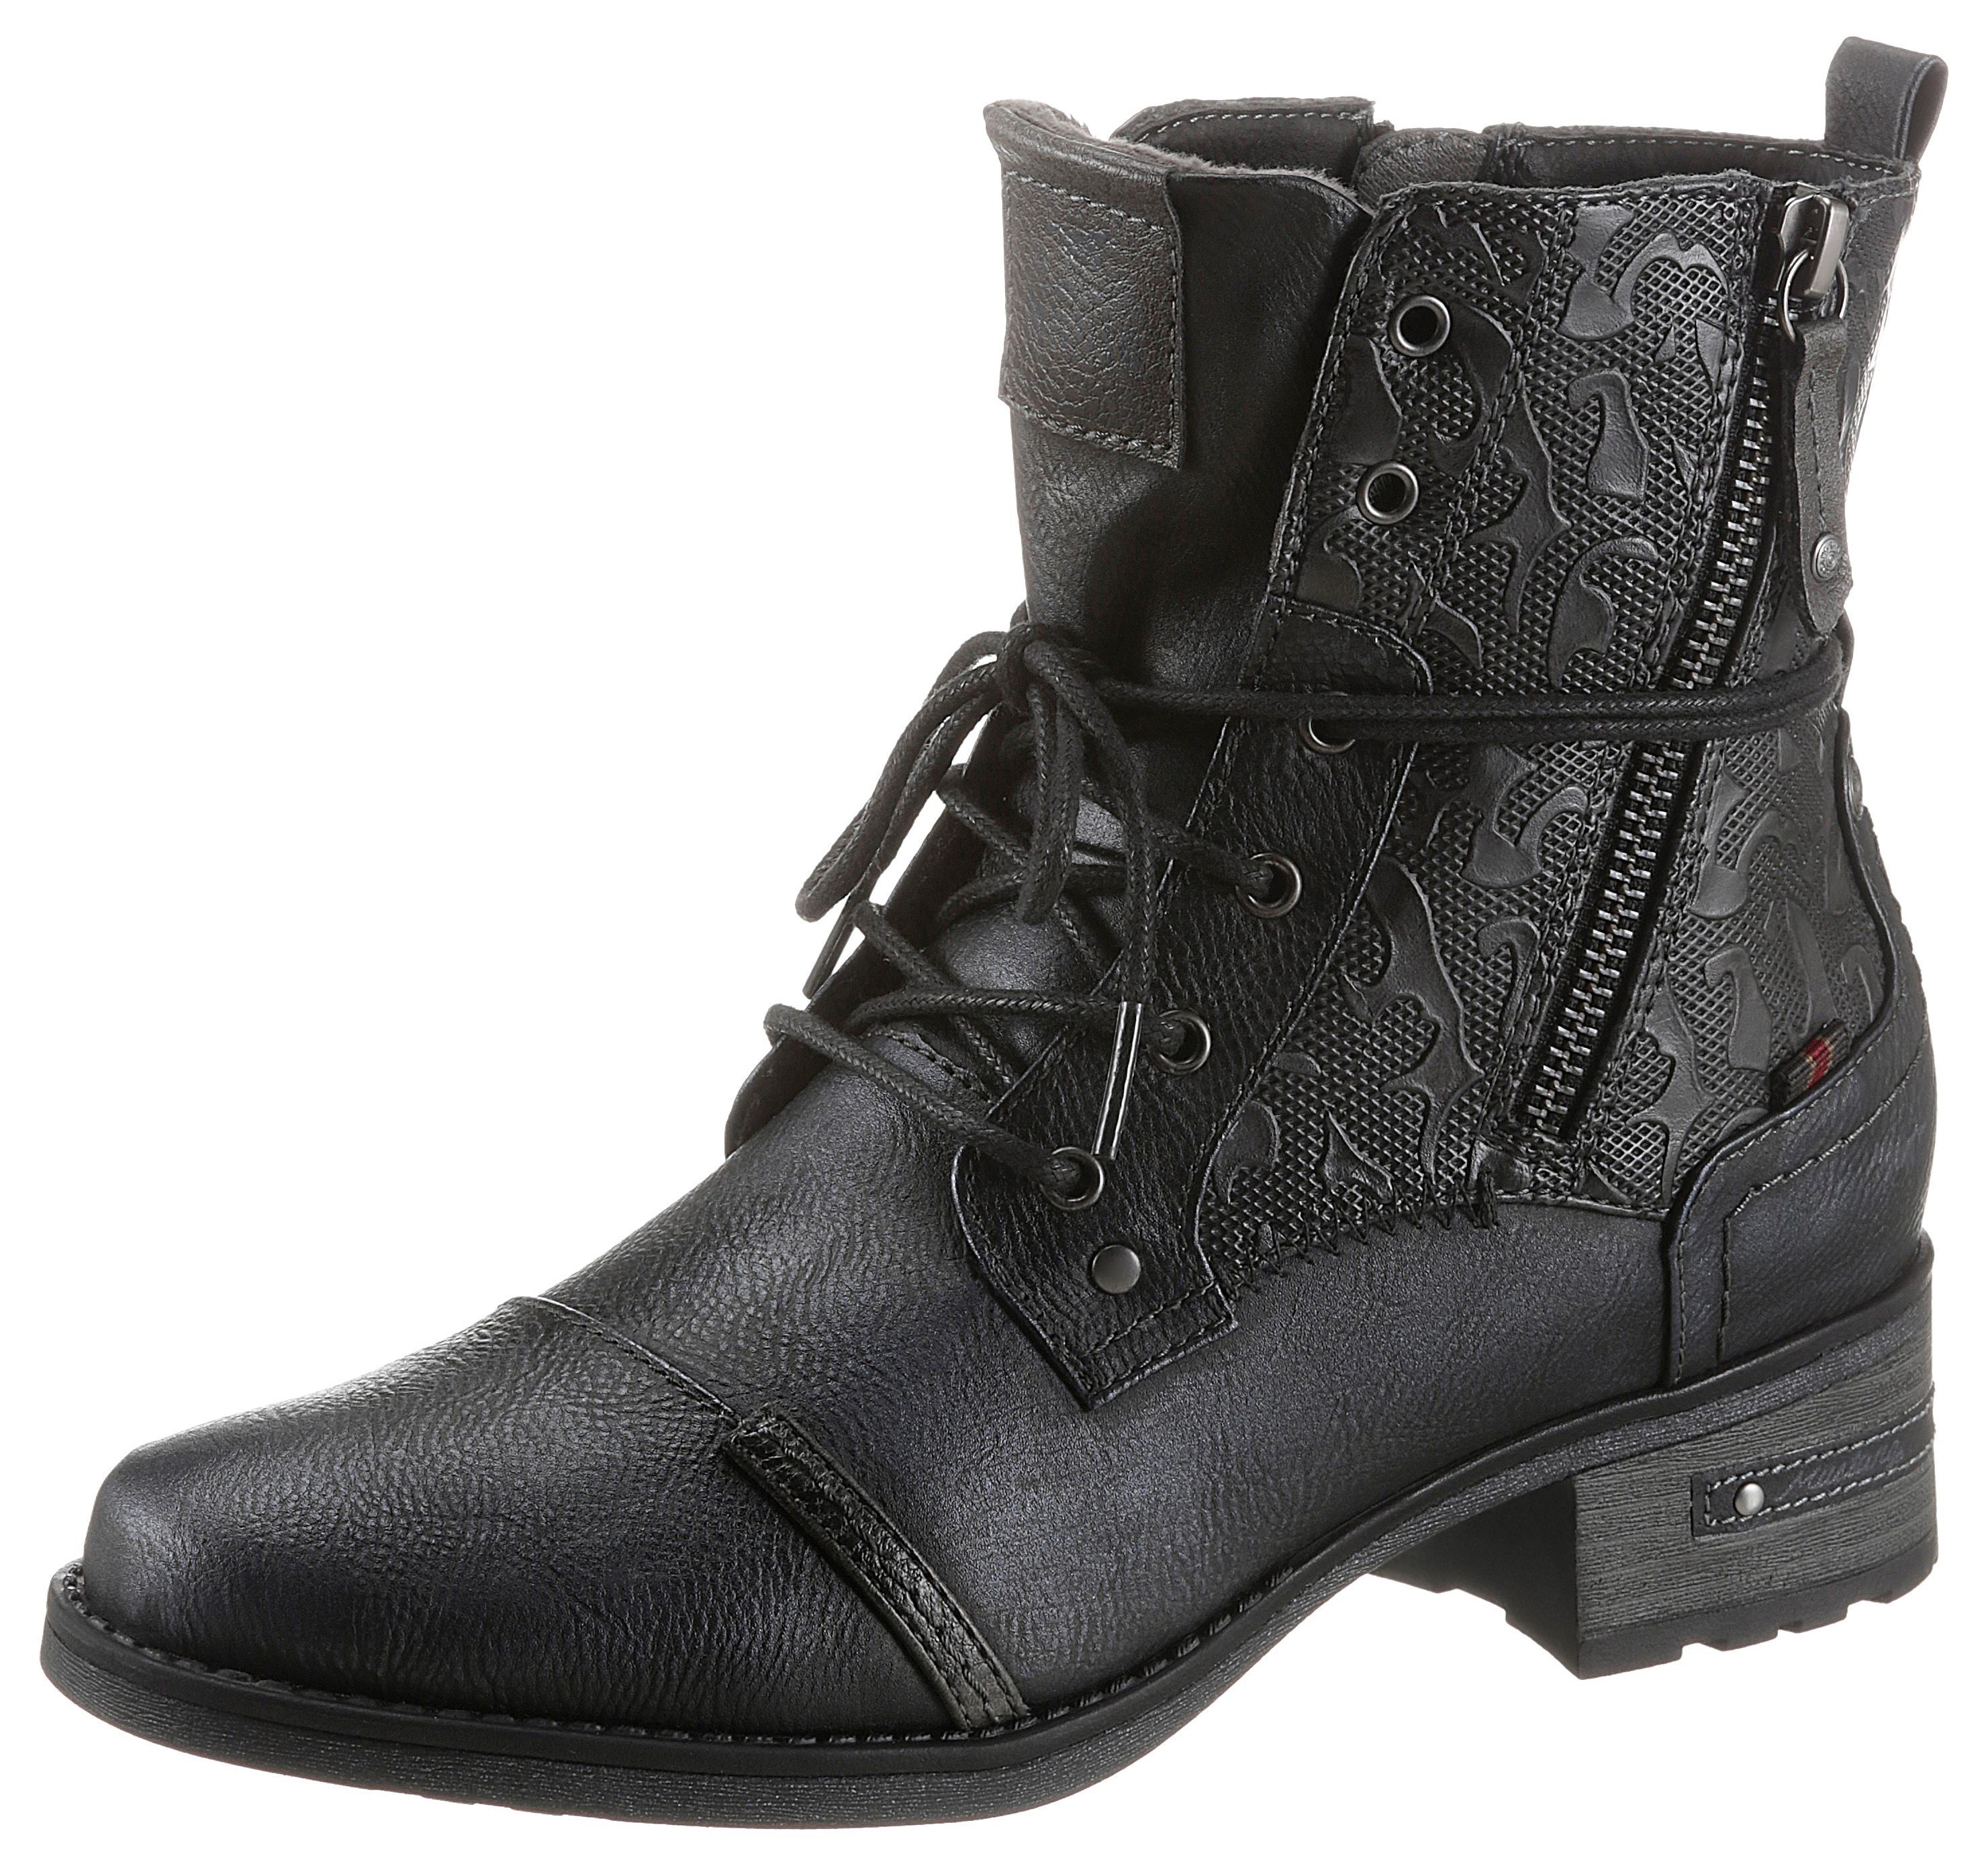 mustang shoes -  Schnürstiefelette, mit schaftumspielender Schnürung